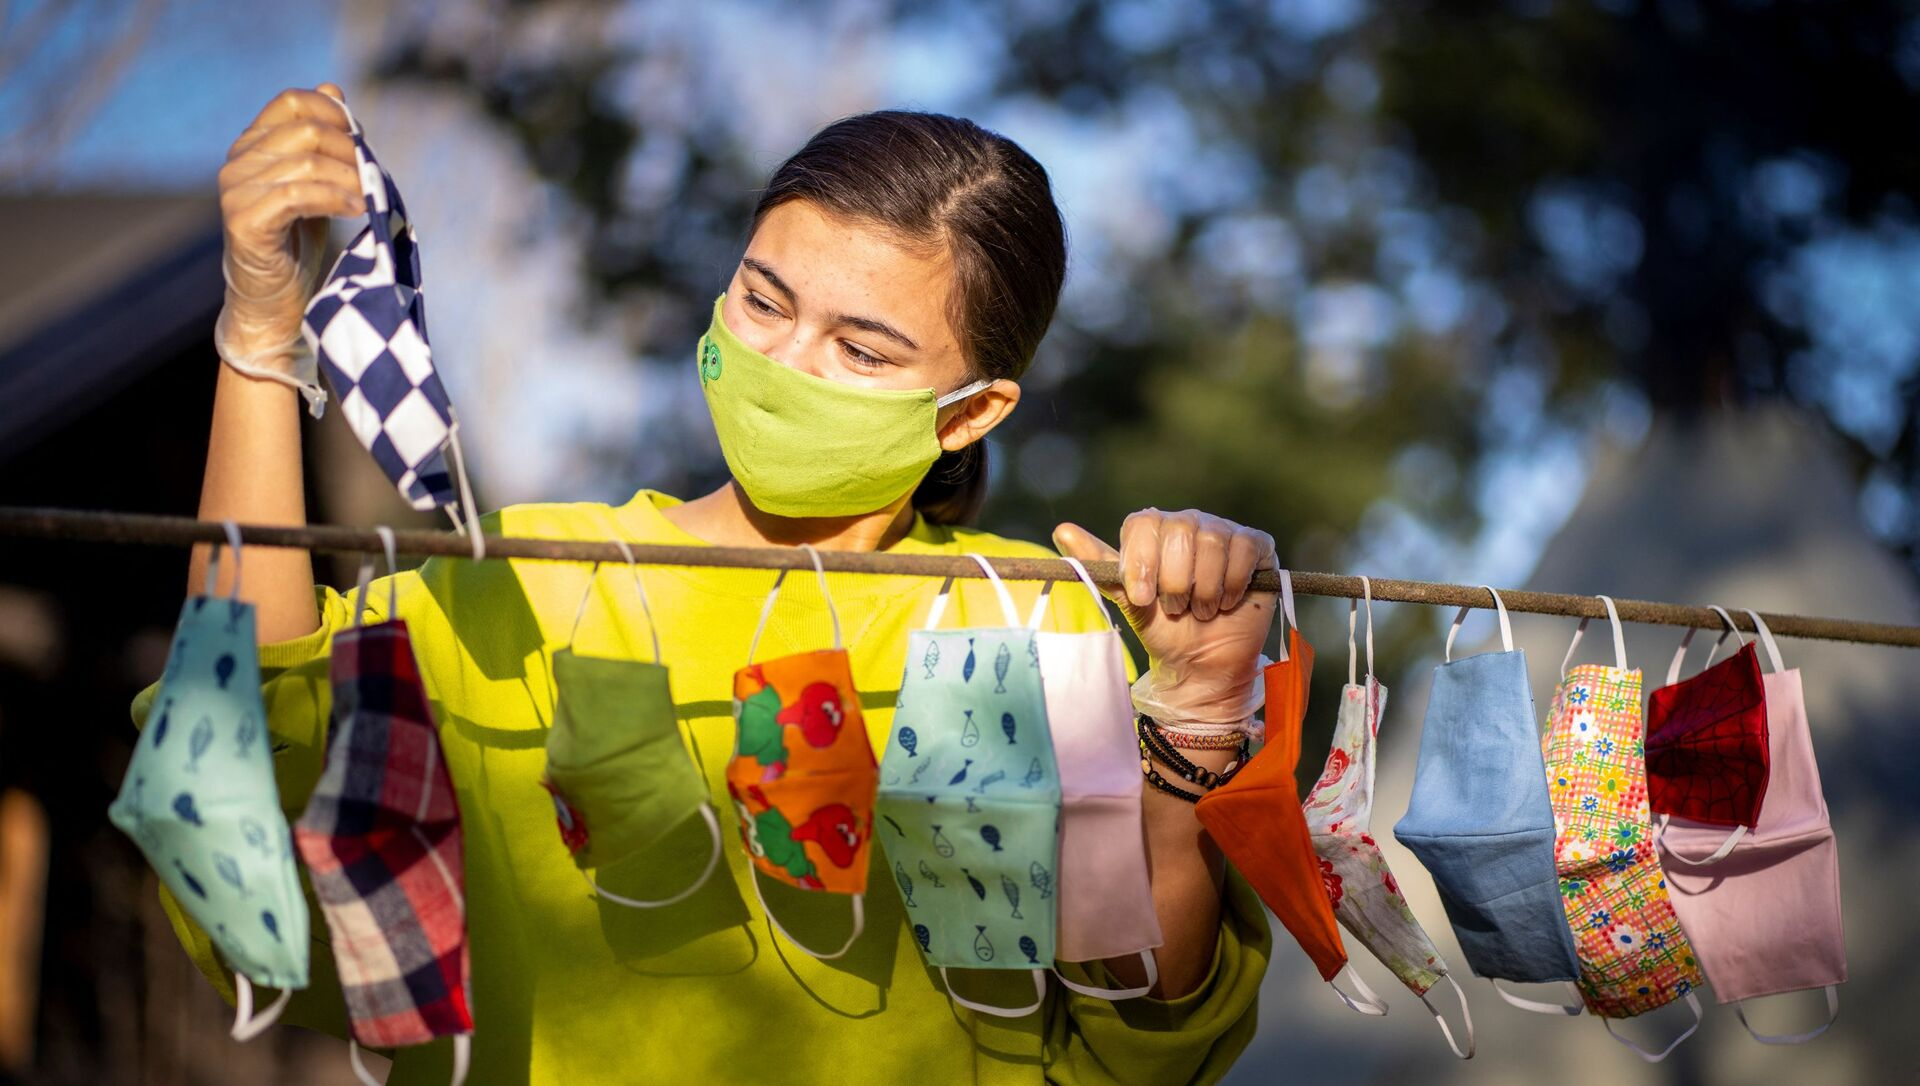 Una ragazza appende le mascherine - Sputnik Italia, 1920, 08.03.2021